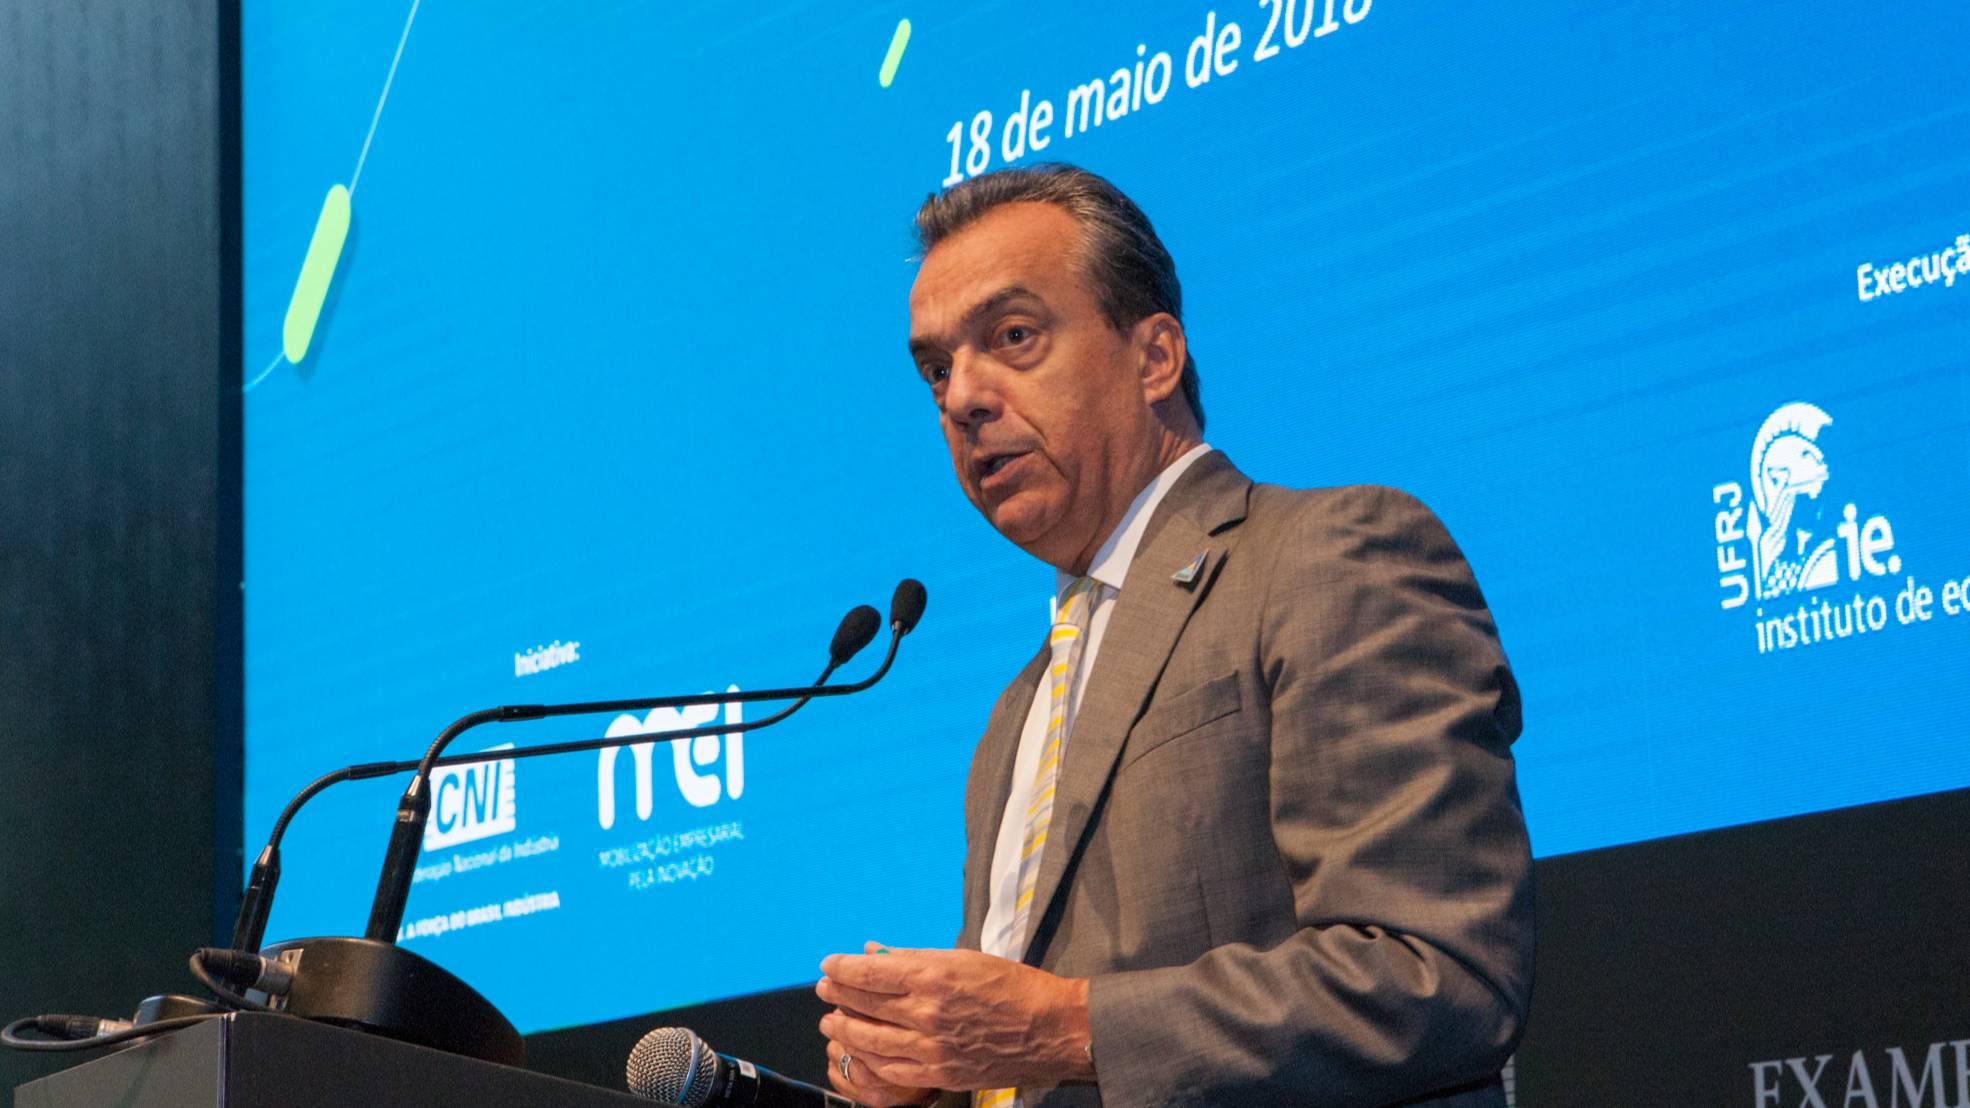 Indústria brasileira pode capturar oportunidades abertas pelas novas tecnologias